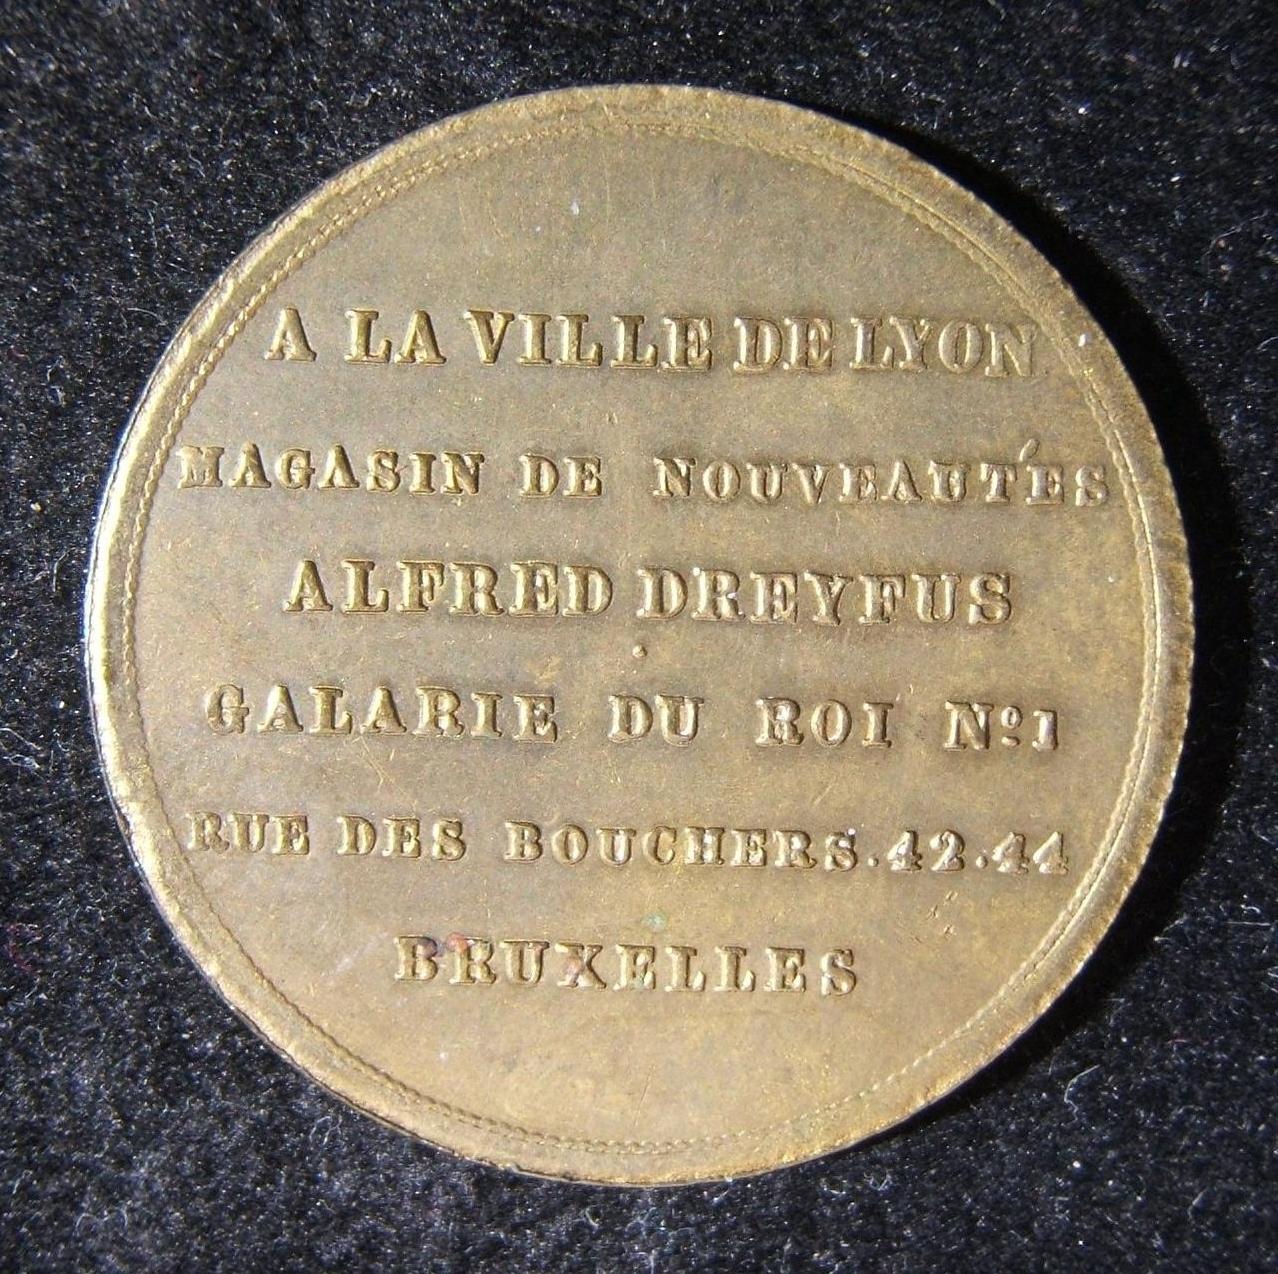 צרפתית אלפרד דרייפוס של ליון וילונות יהודי? העסק קידום מכירות יודאיקה